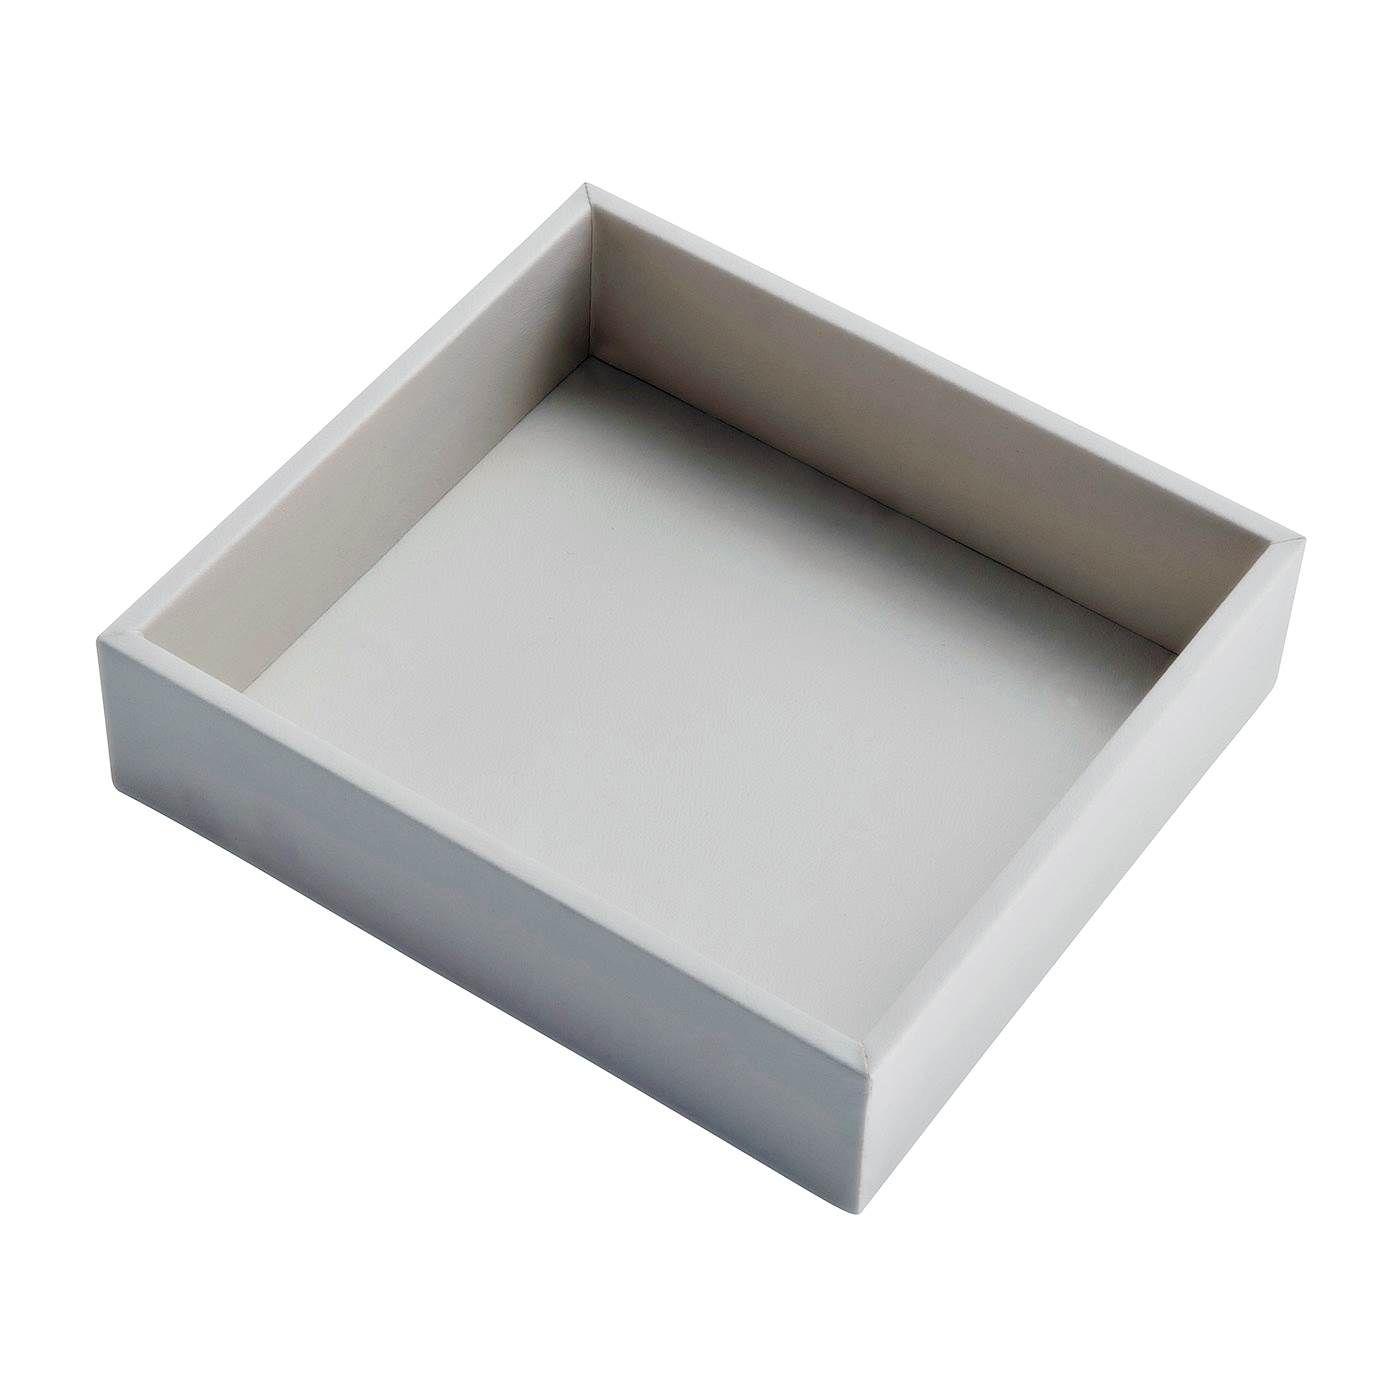 Organizador de objetos para gaveta Tria - Masutti Copat